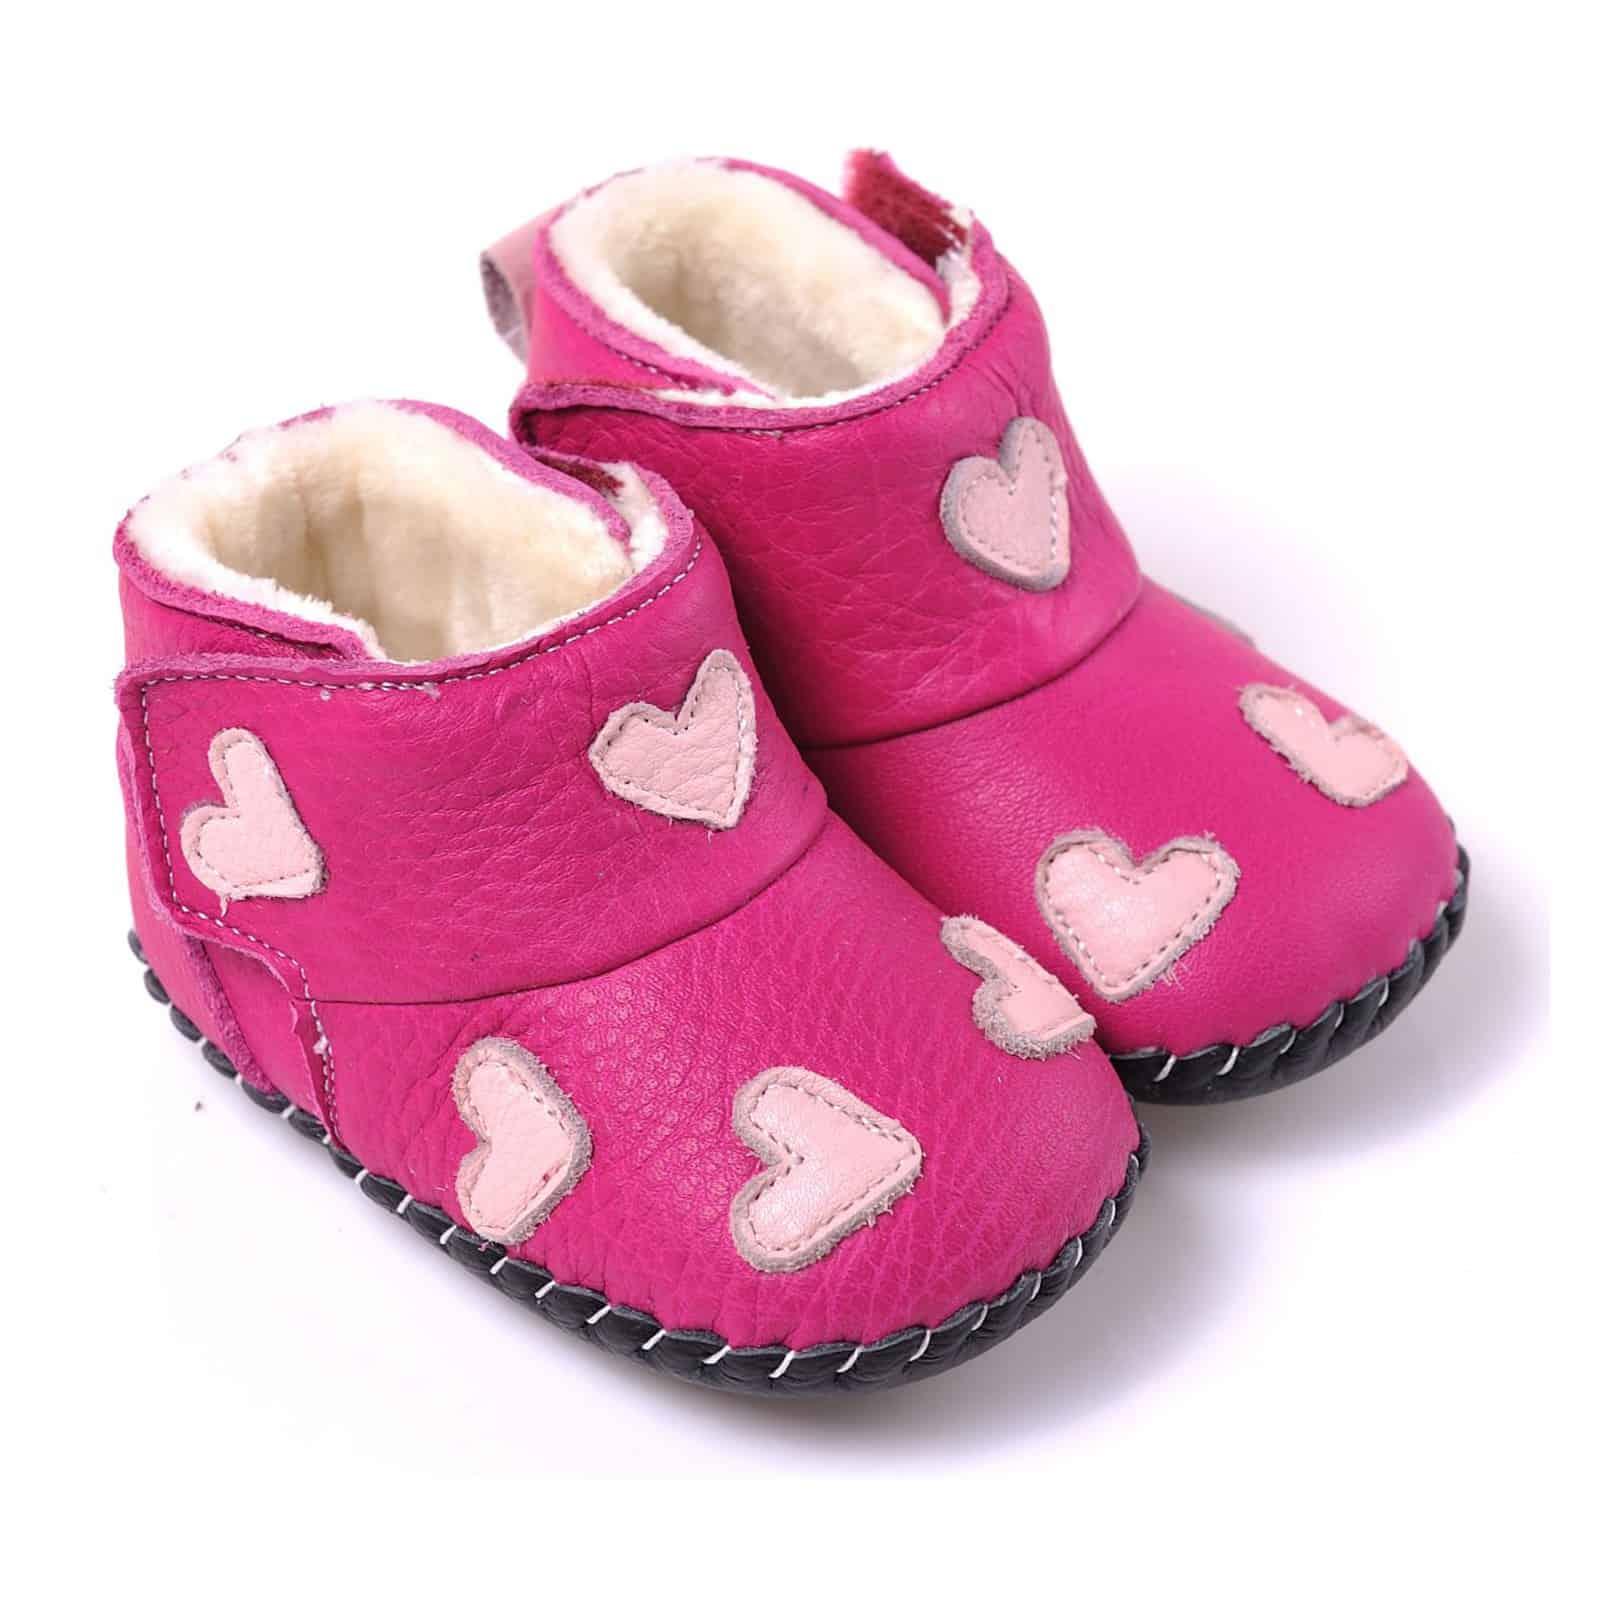 CAROCH - Chaussures premiers pas cuir souple   Bottines rose petits coeurs 93960091d814